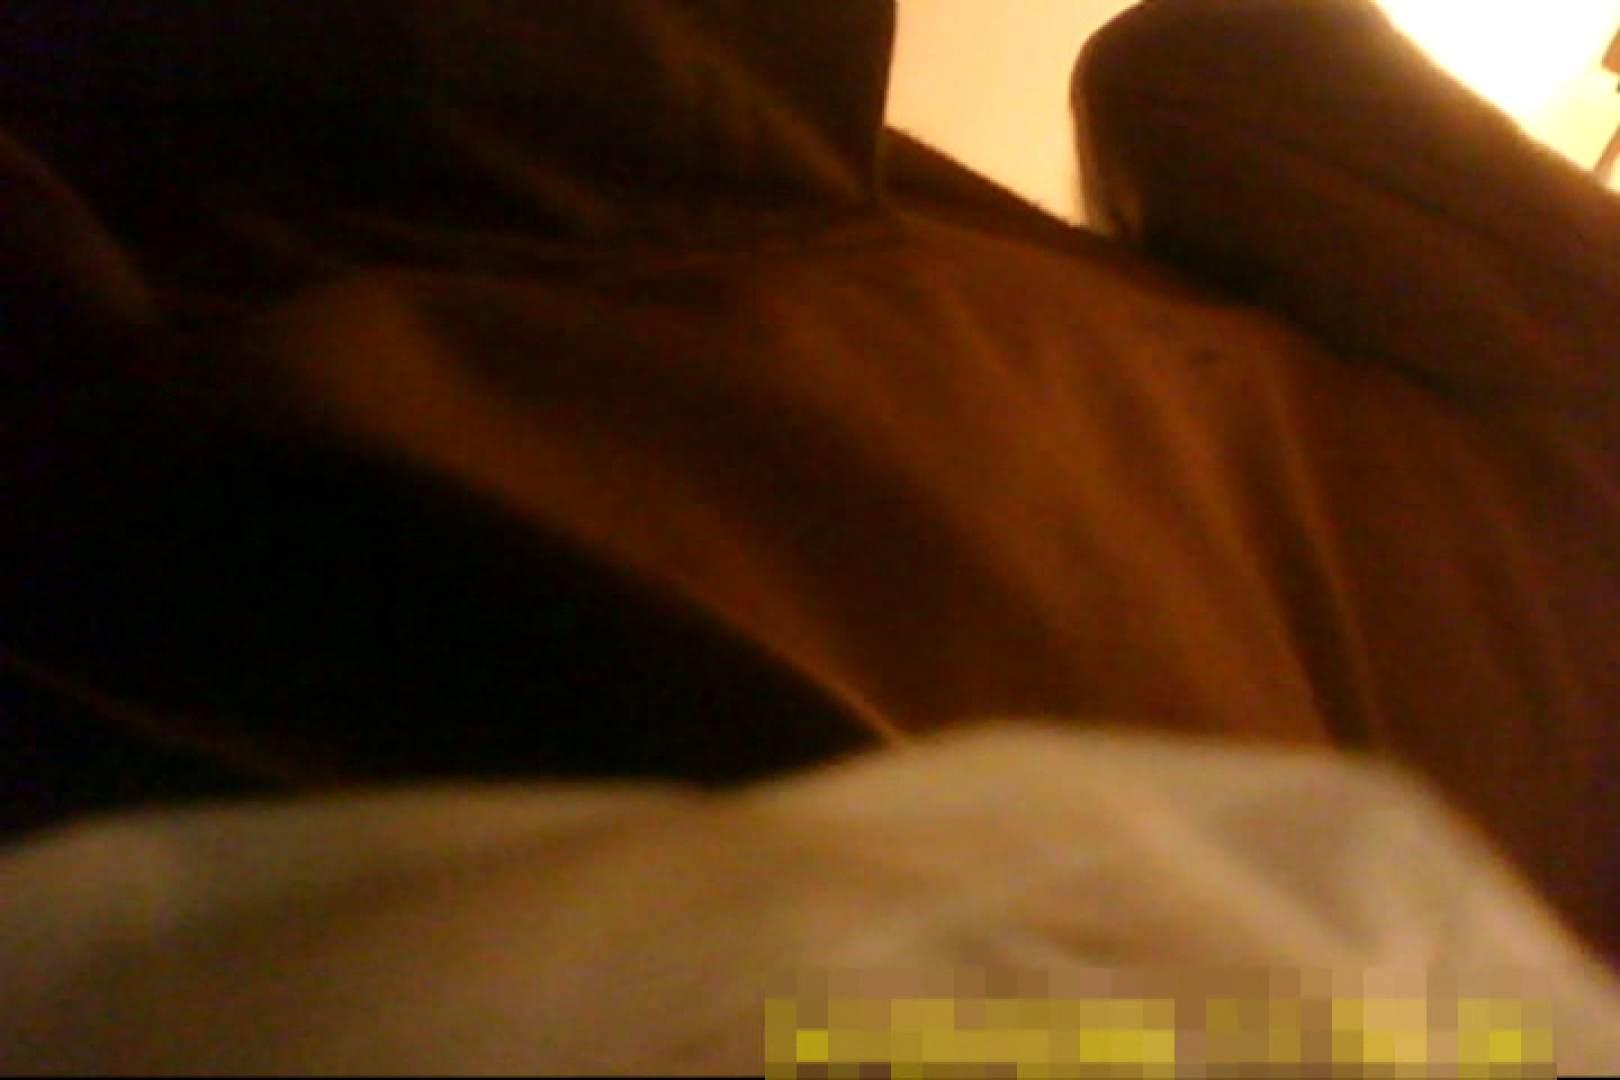 魅惑の化粧室~禁断のプライベート空間~vol.8 OL  111pic 103